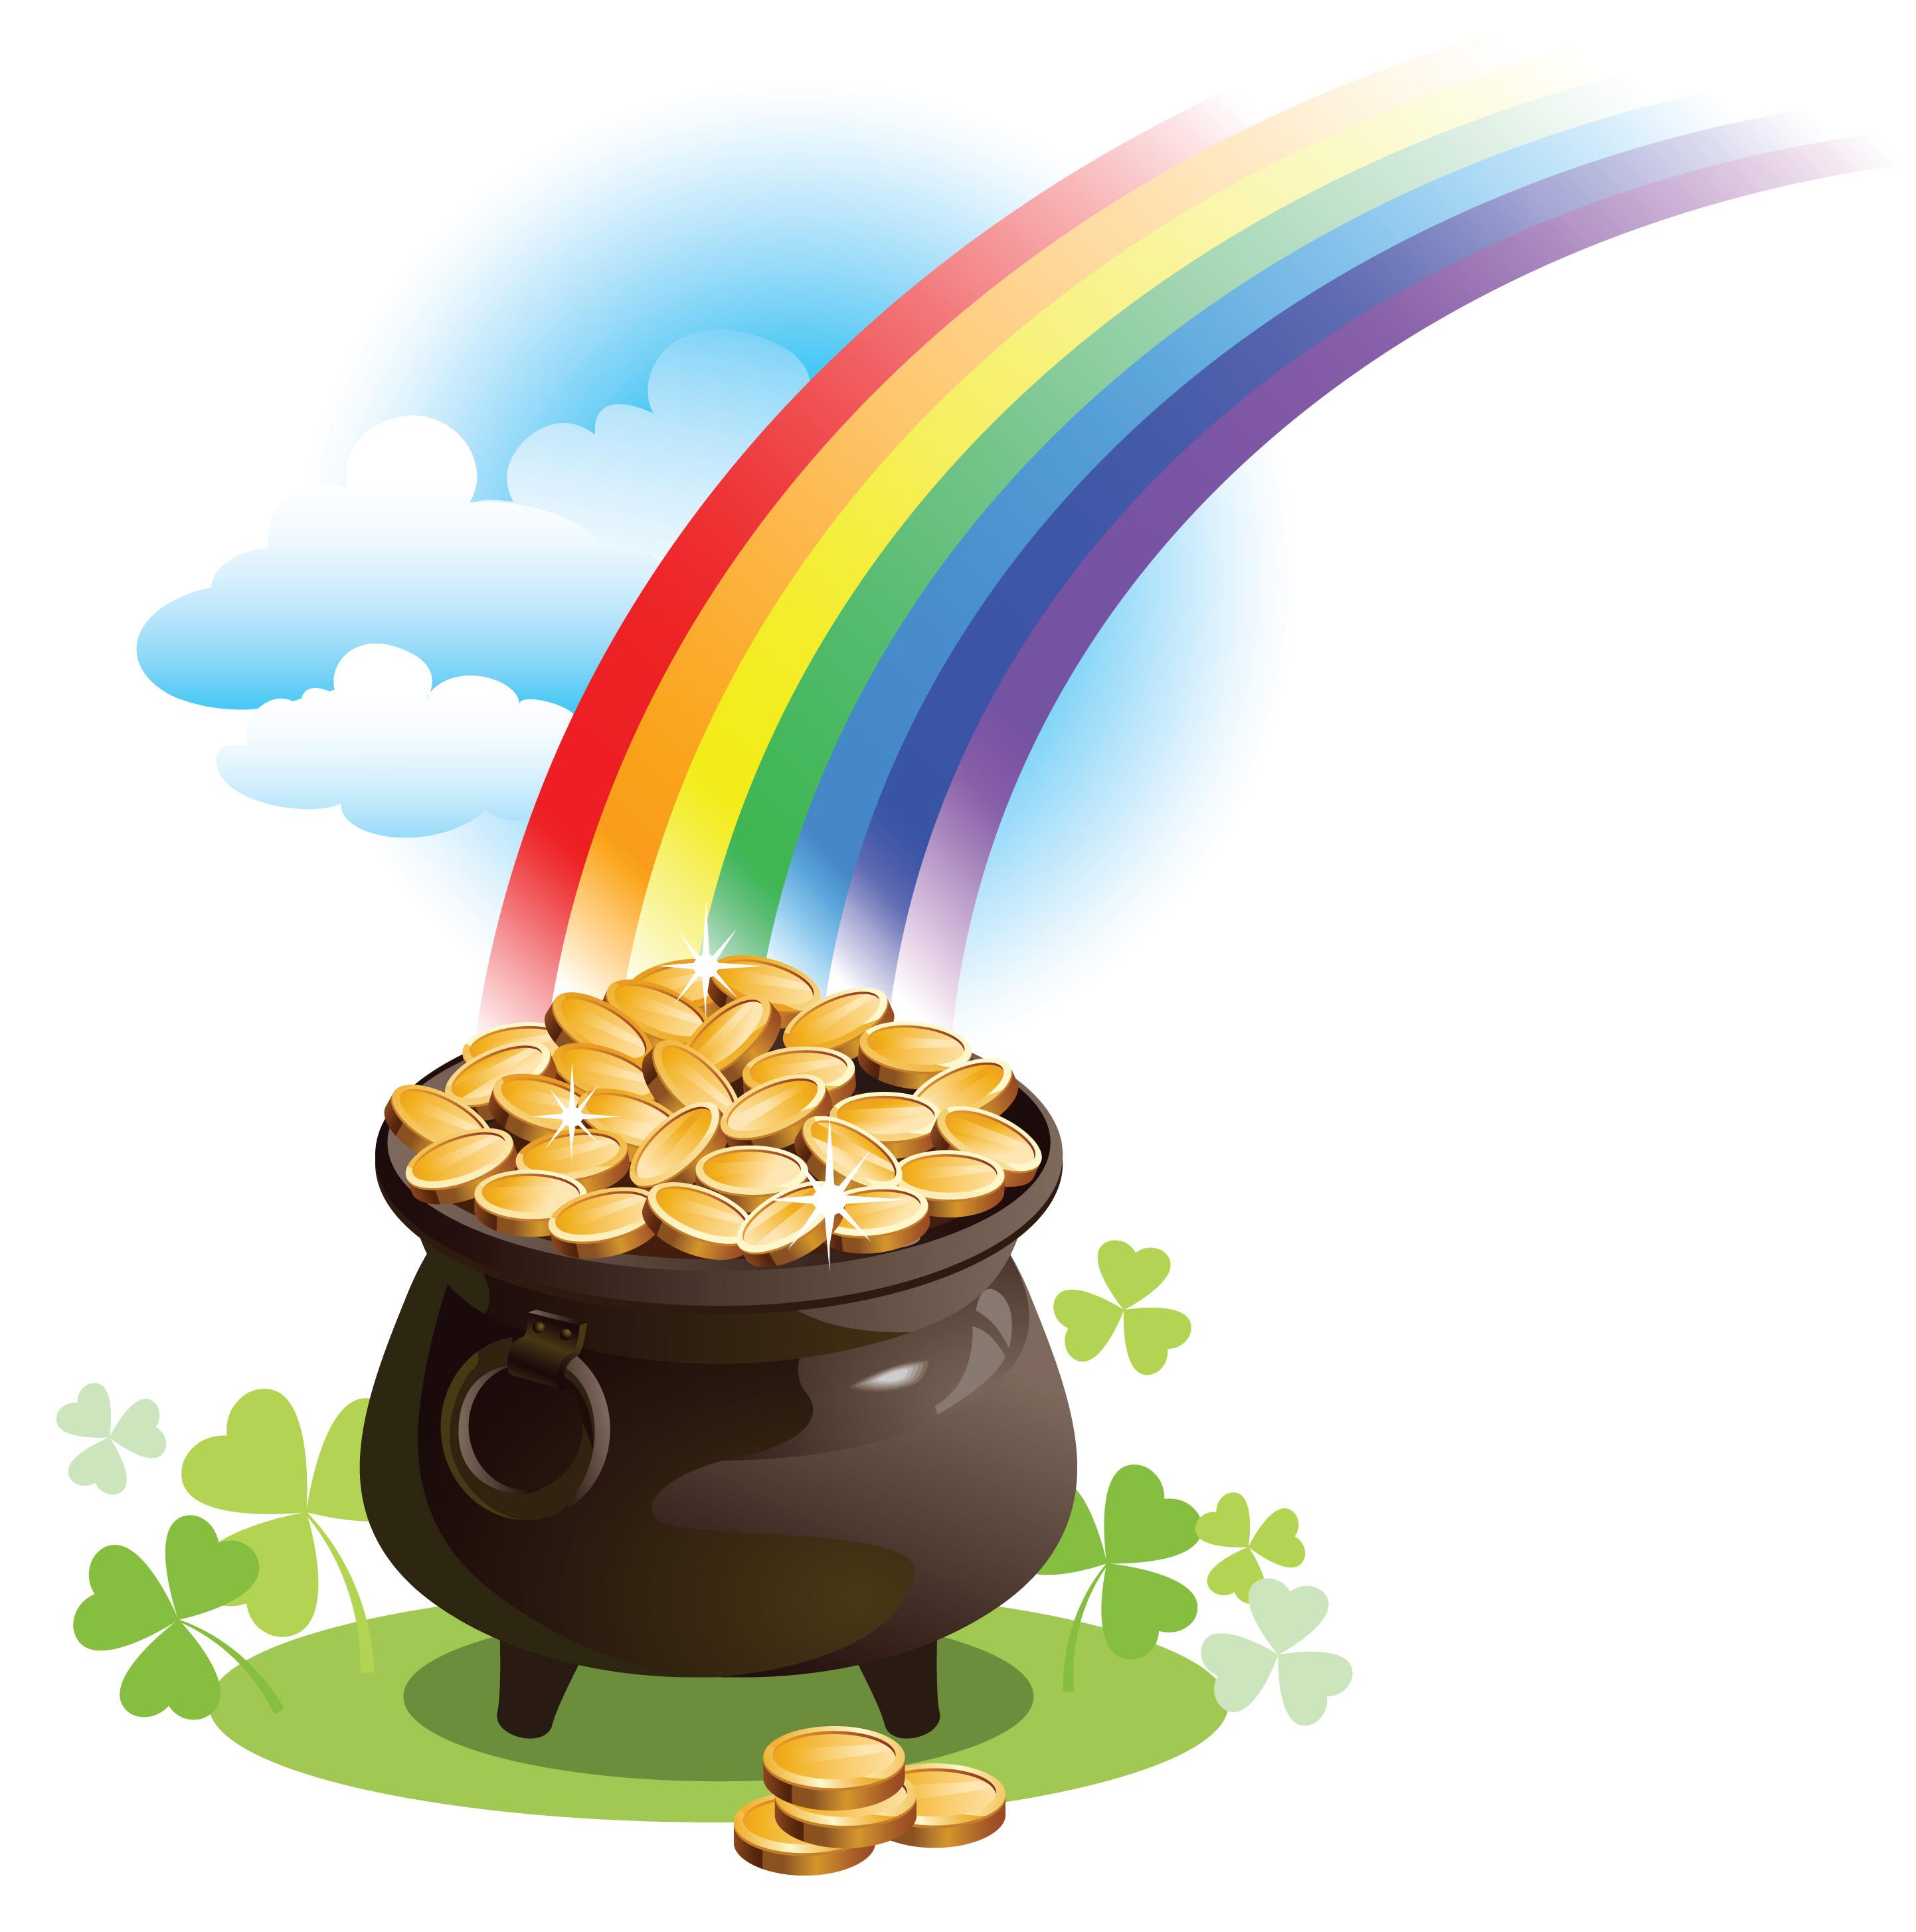 Pot Of Gold Emoji Free Download Best Pot Of Gold Emoji On